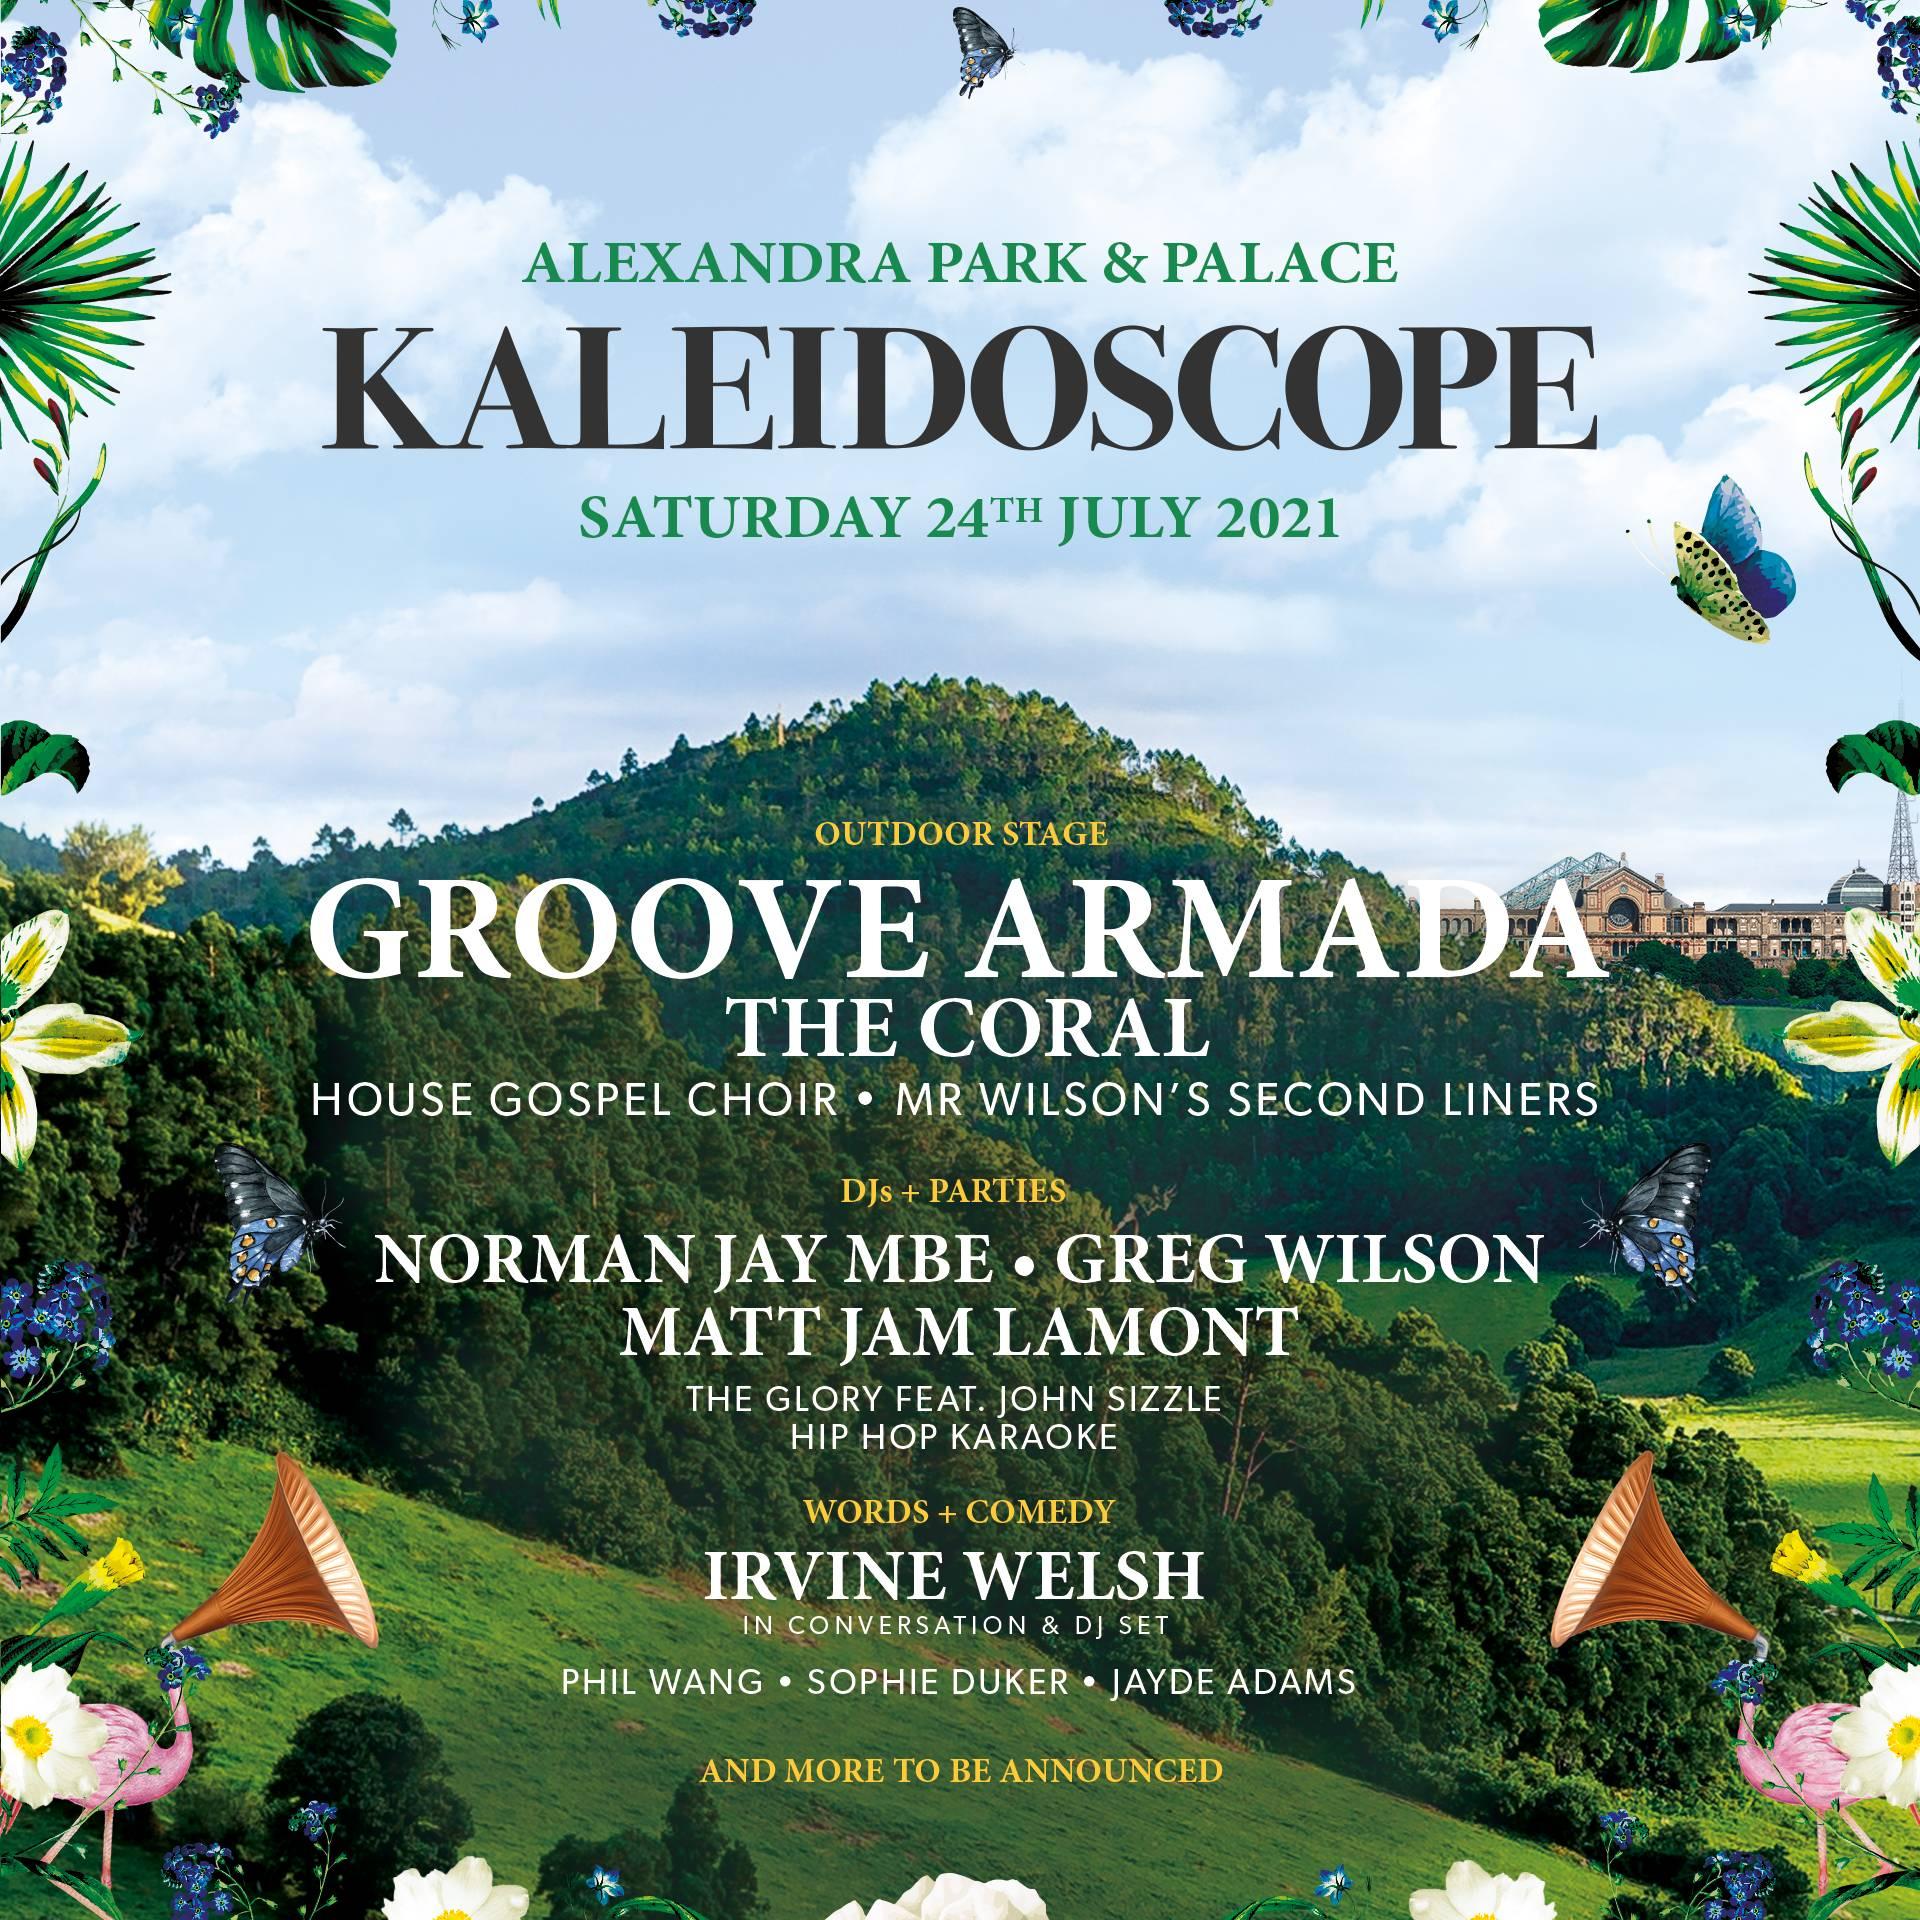 Kaleidoscope 2021